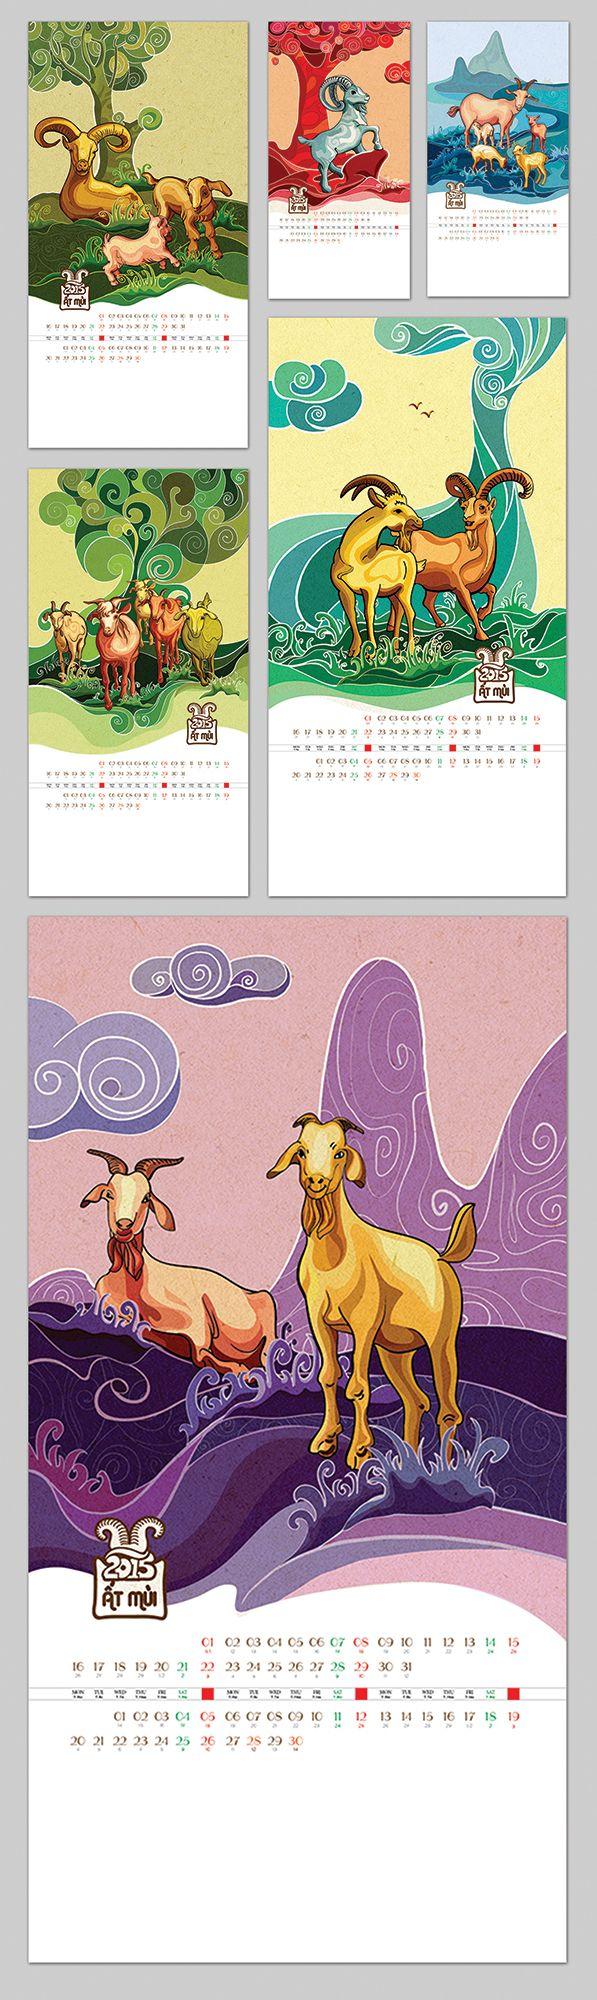 Calendar 2015   Goat by  xilyn tran